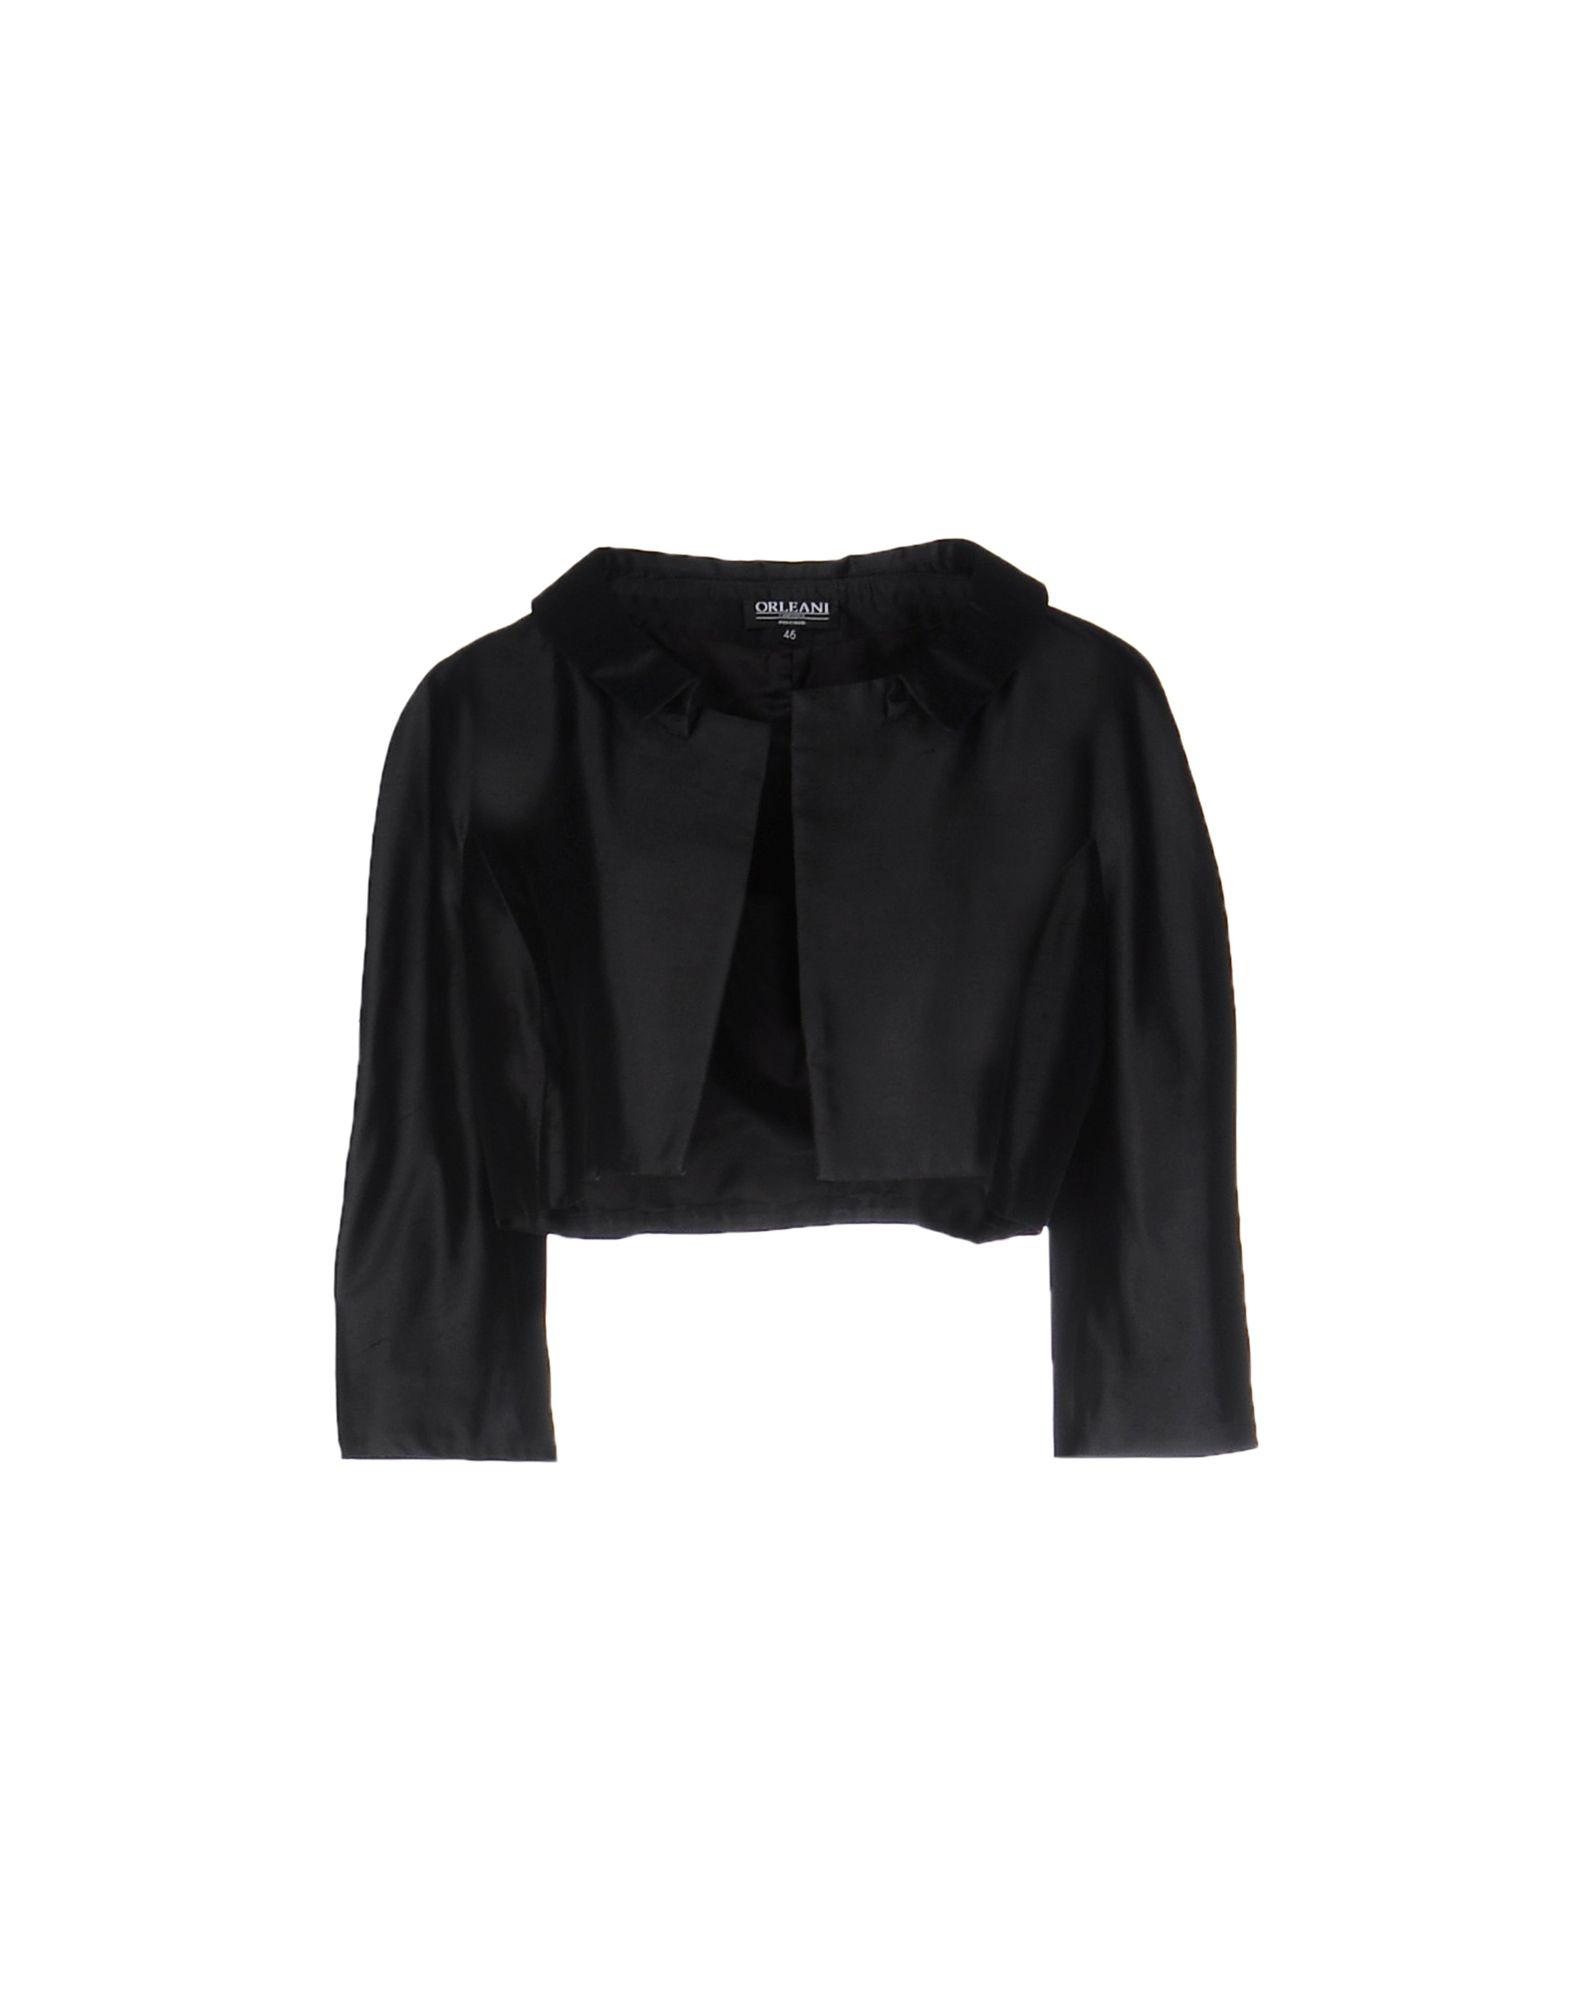 レディース ORLEANI テーラードジャケット ブラック